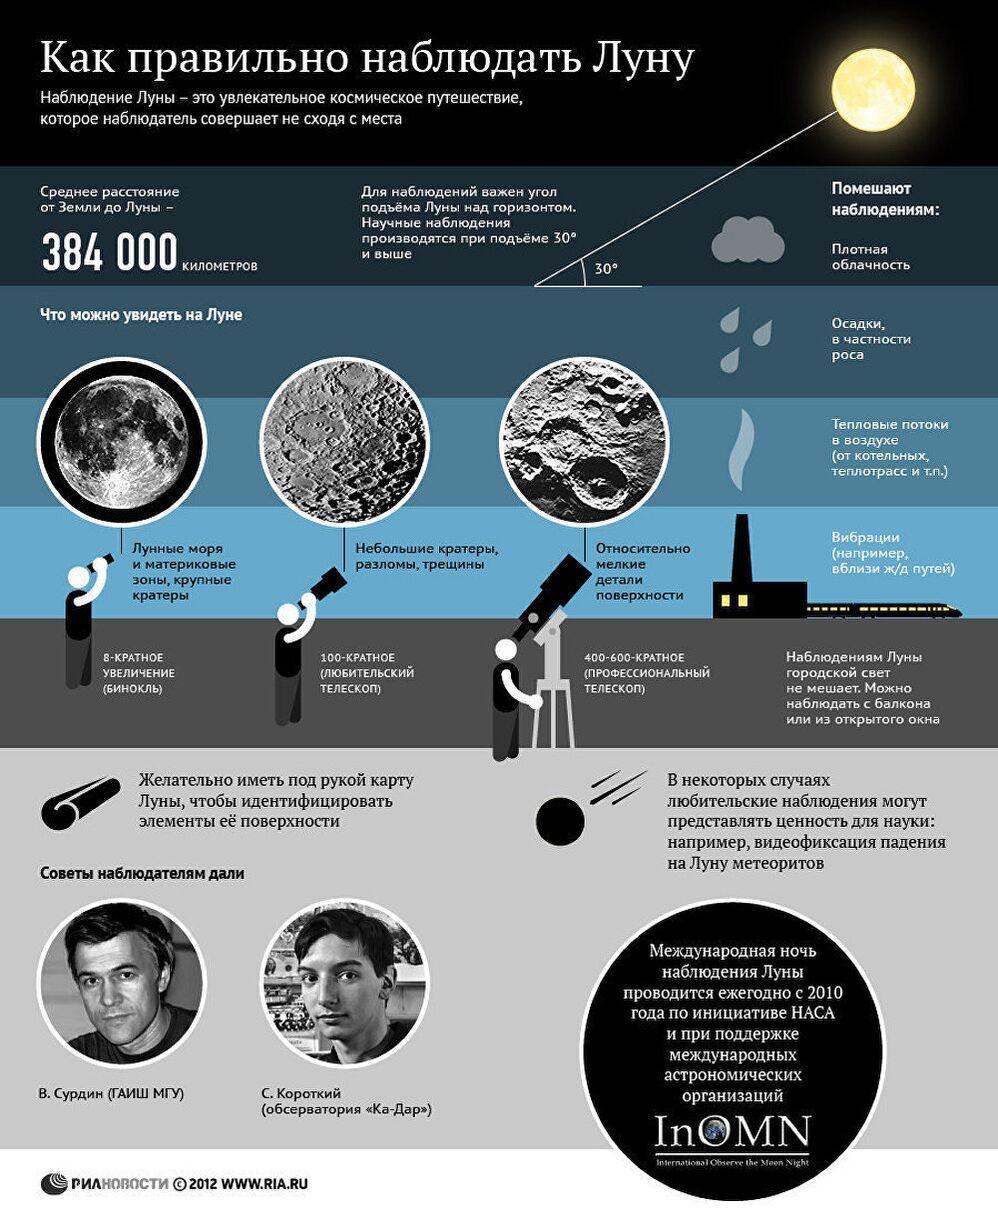 Как правильно наблюдать Луну